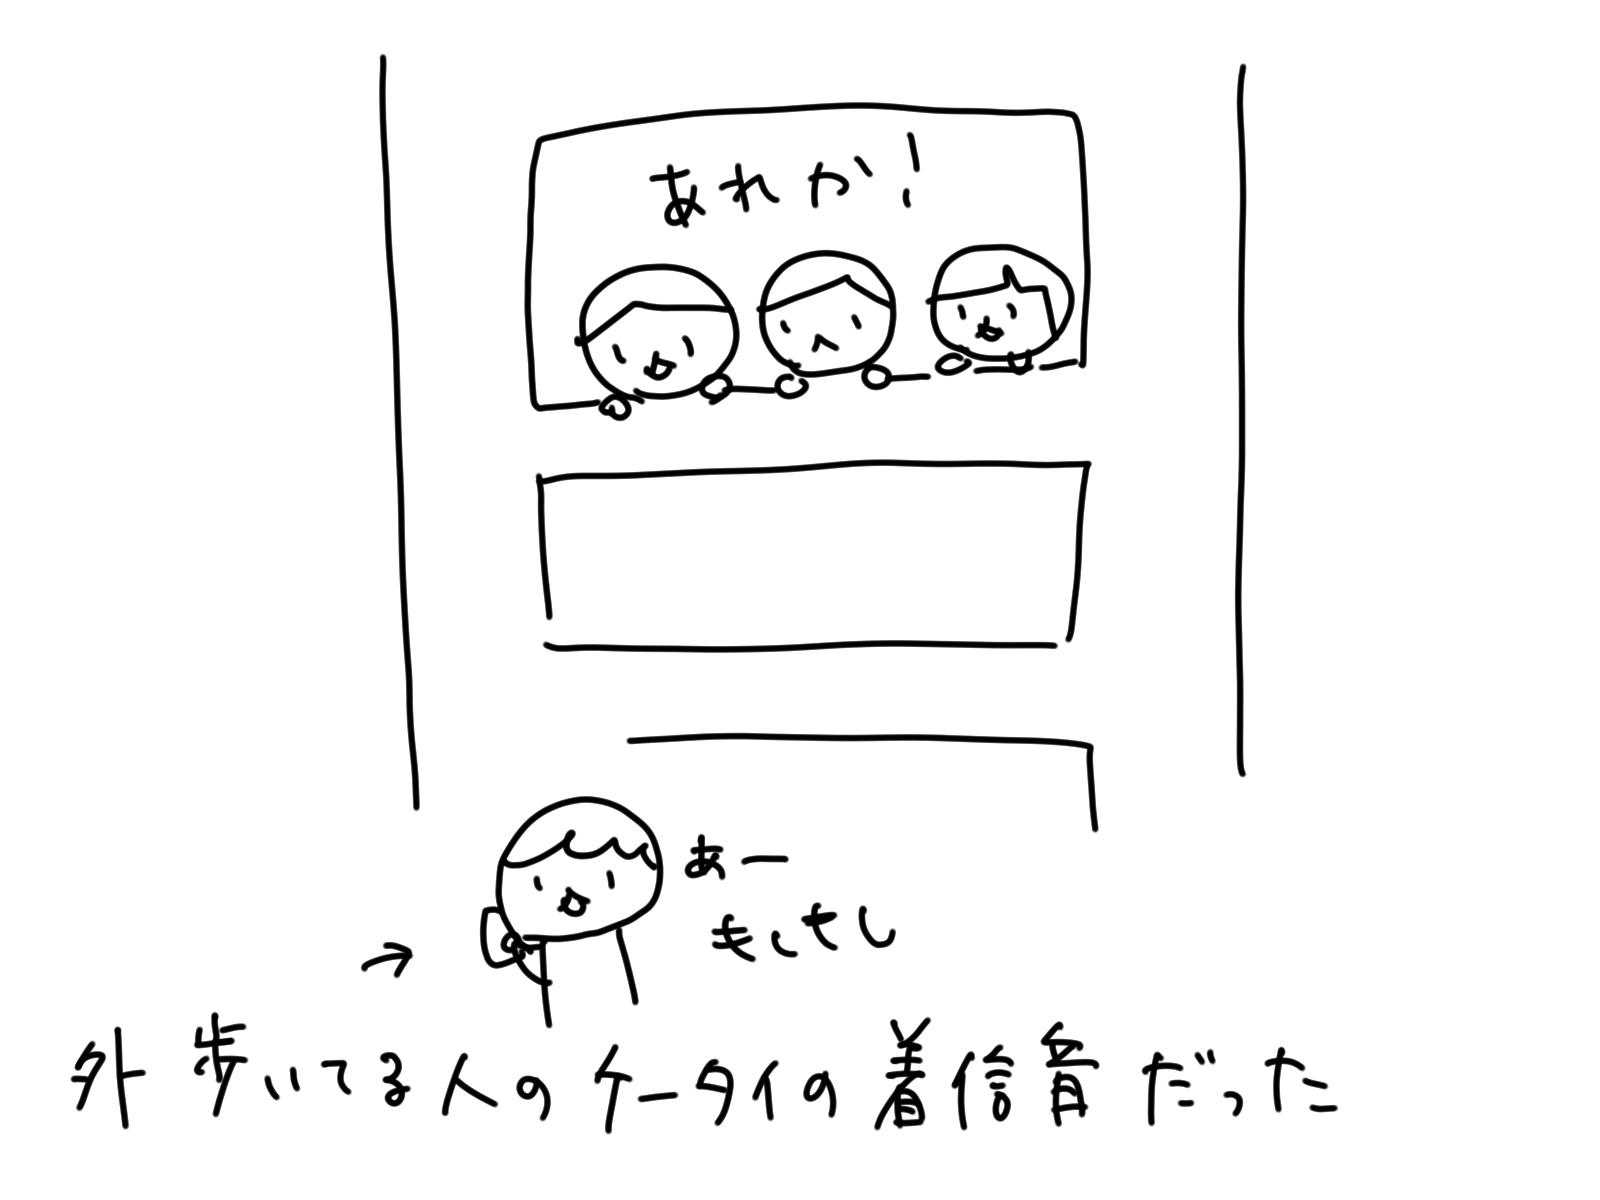 タタカイノオト_b0132338_10495655.jpg